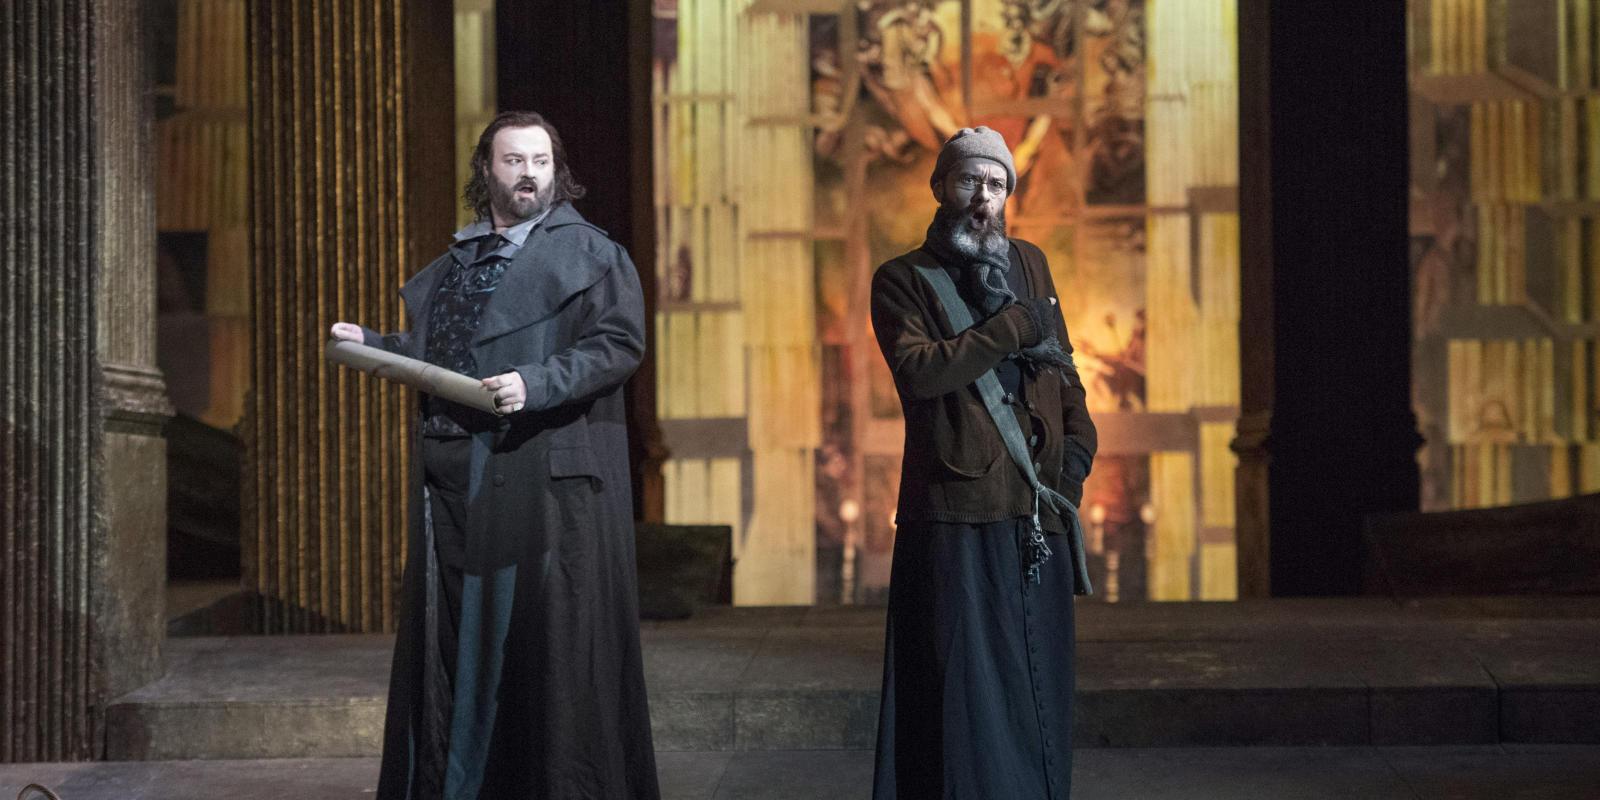 Gwyn Hughes Jones as Cavaradossi and Adrian Powter as Sacristan